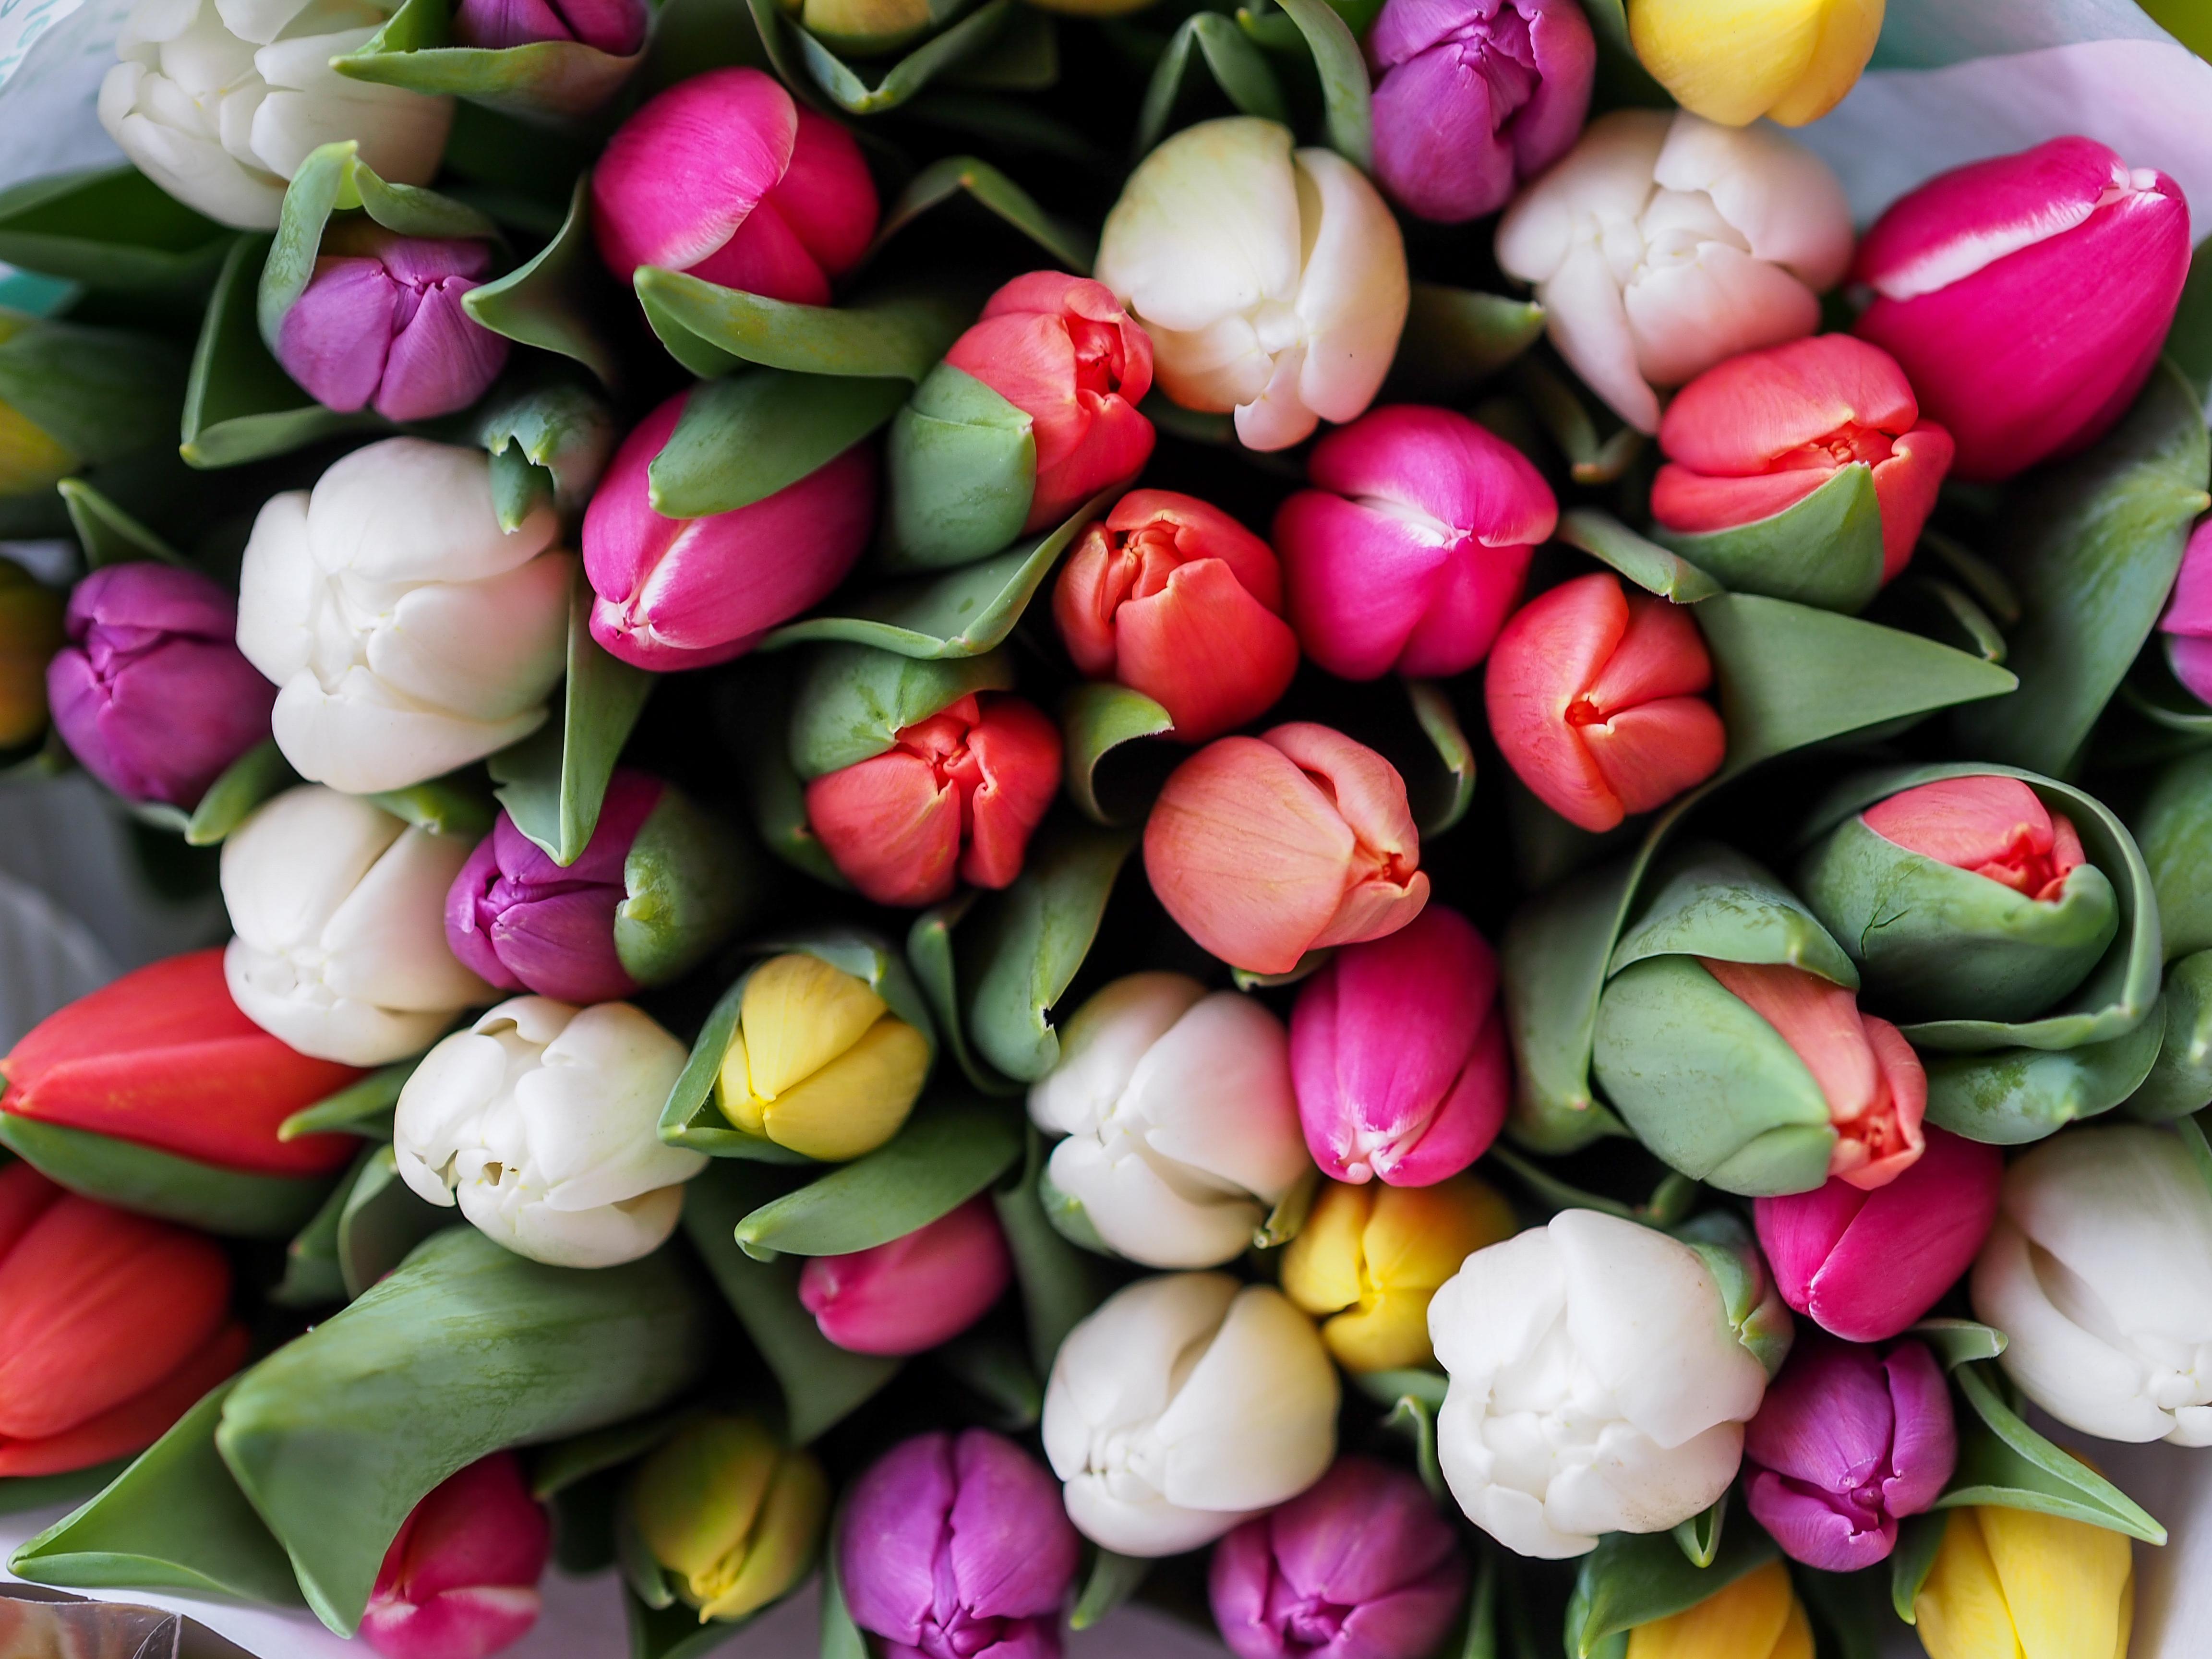 много тюльпанов в букете картинки новая папка